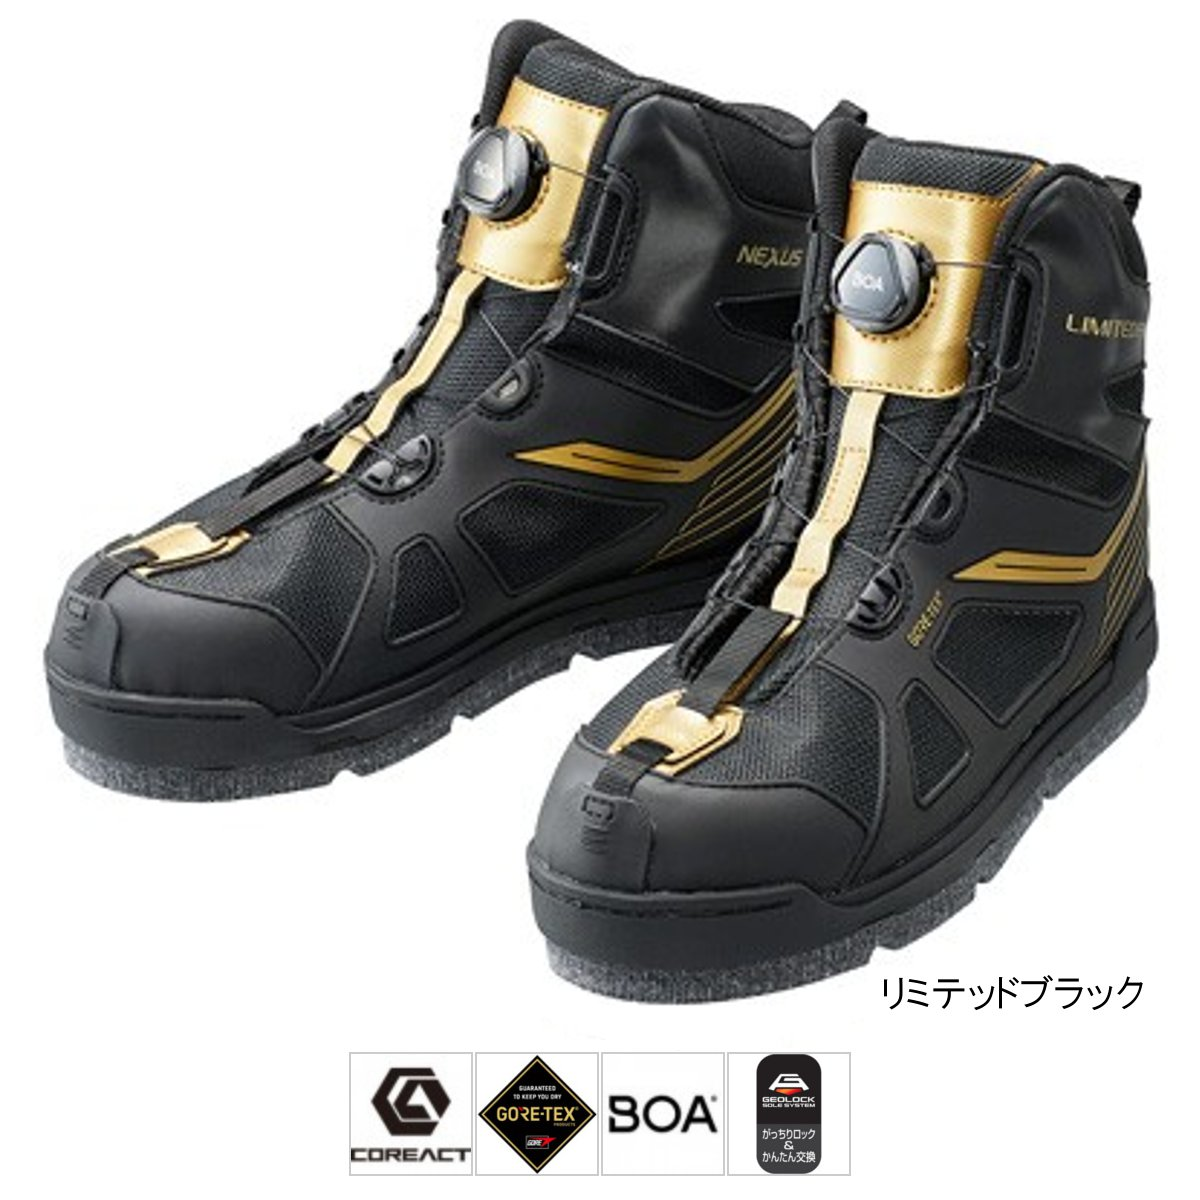 シマノ GORE-TEX フレックスラバーピンフェルトシューズ LIMITED PRO FS-175R 25.5cm リミテッドブラック【送料無料】